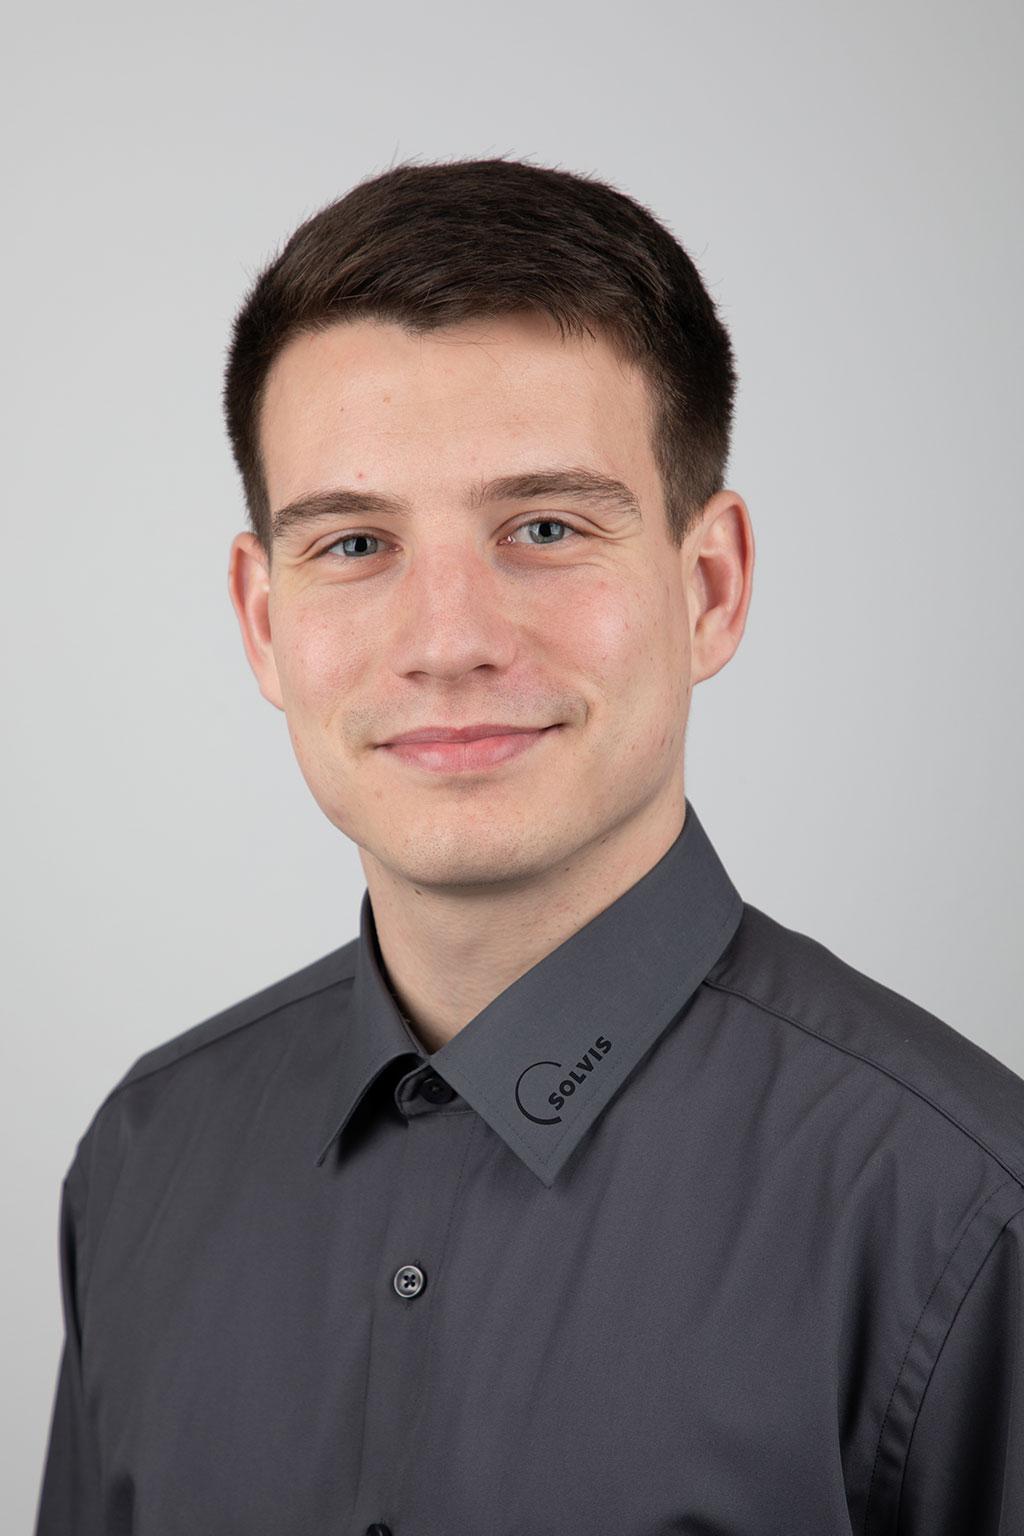 Ansprechpartner SolvisClean Alexander Lipski